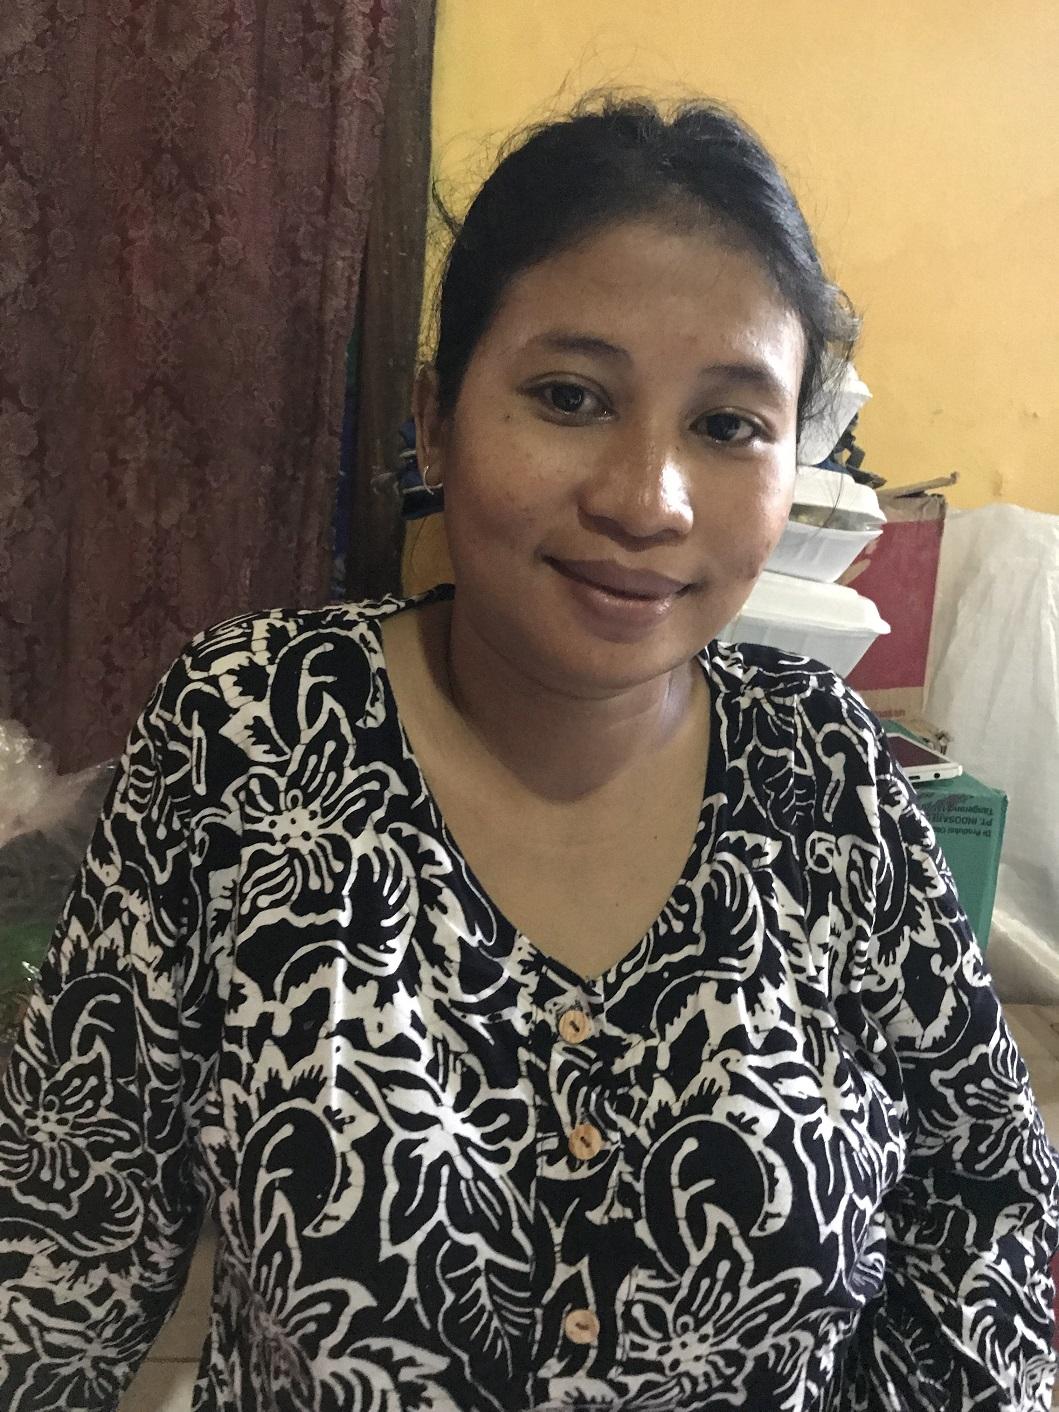 딸아이를 둔 서른 살 엄마이자 임신 7개월인 엘리스. 쓰나미 피해를 입었음에도 상황을 긍정적으로 바라보면서 뱃속 아기의 건강을 위해 최선을 다하고 있다. 엘리스는 가족 모두가 안전해서 다행이라고 말했다. © Cici Riesmasari/MSF